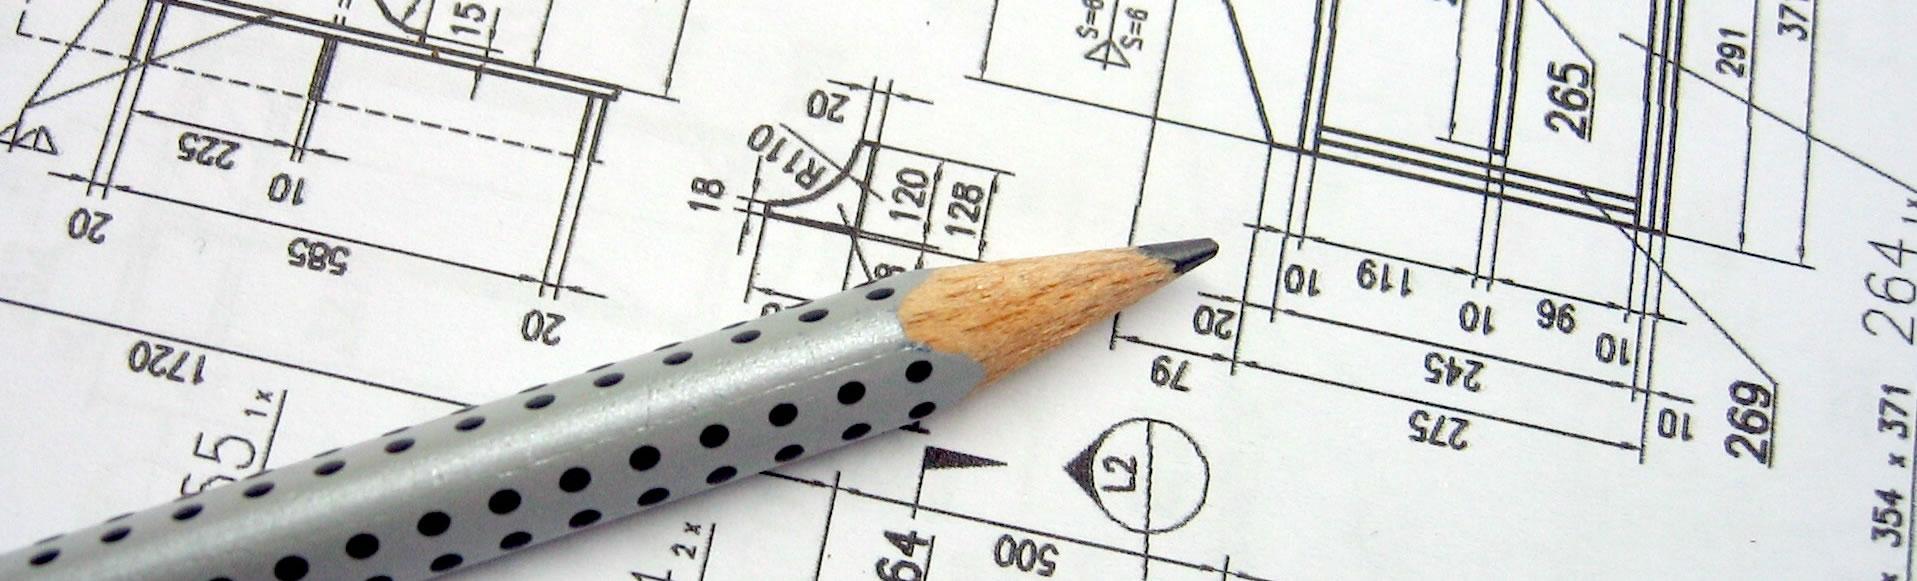 Проектирование капитального ремонта здания